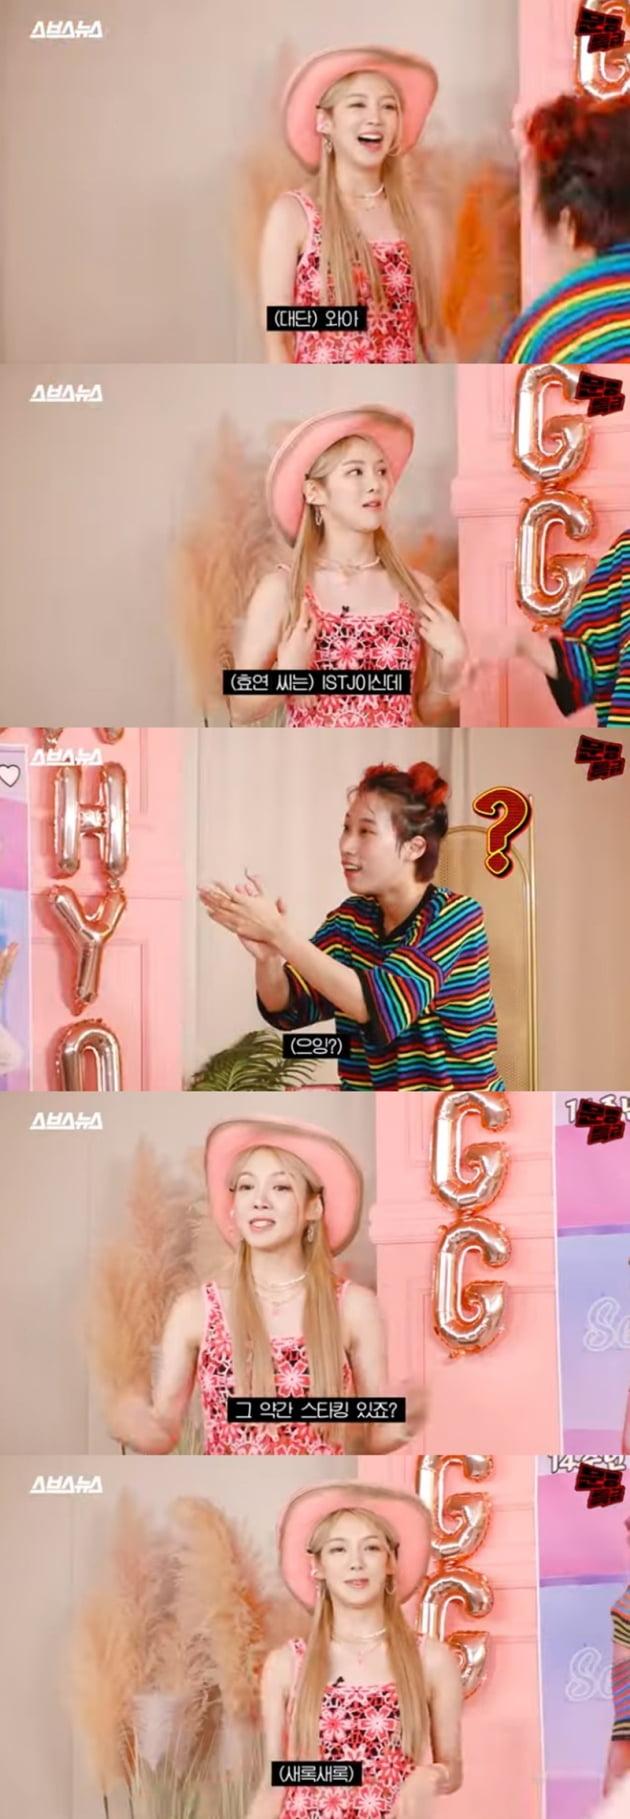 소녀시대 효연 / 사진 = 유튜브 영상 캡처